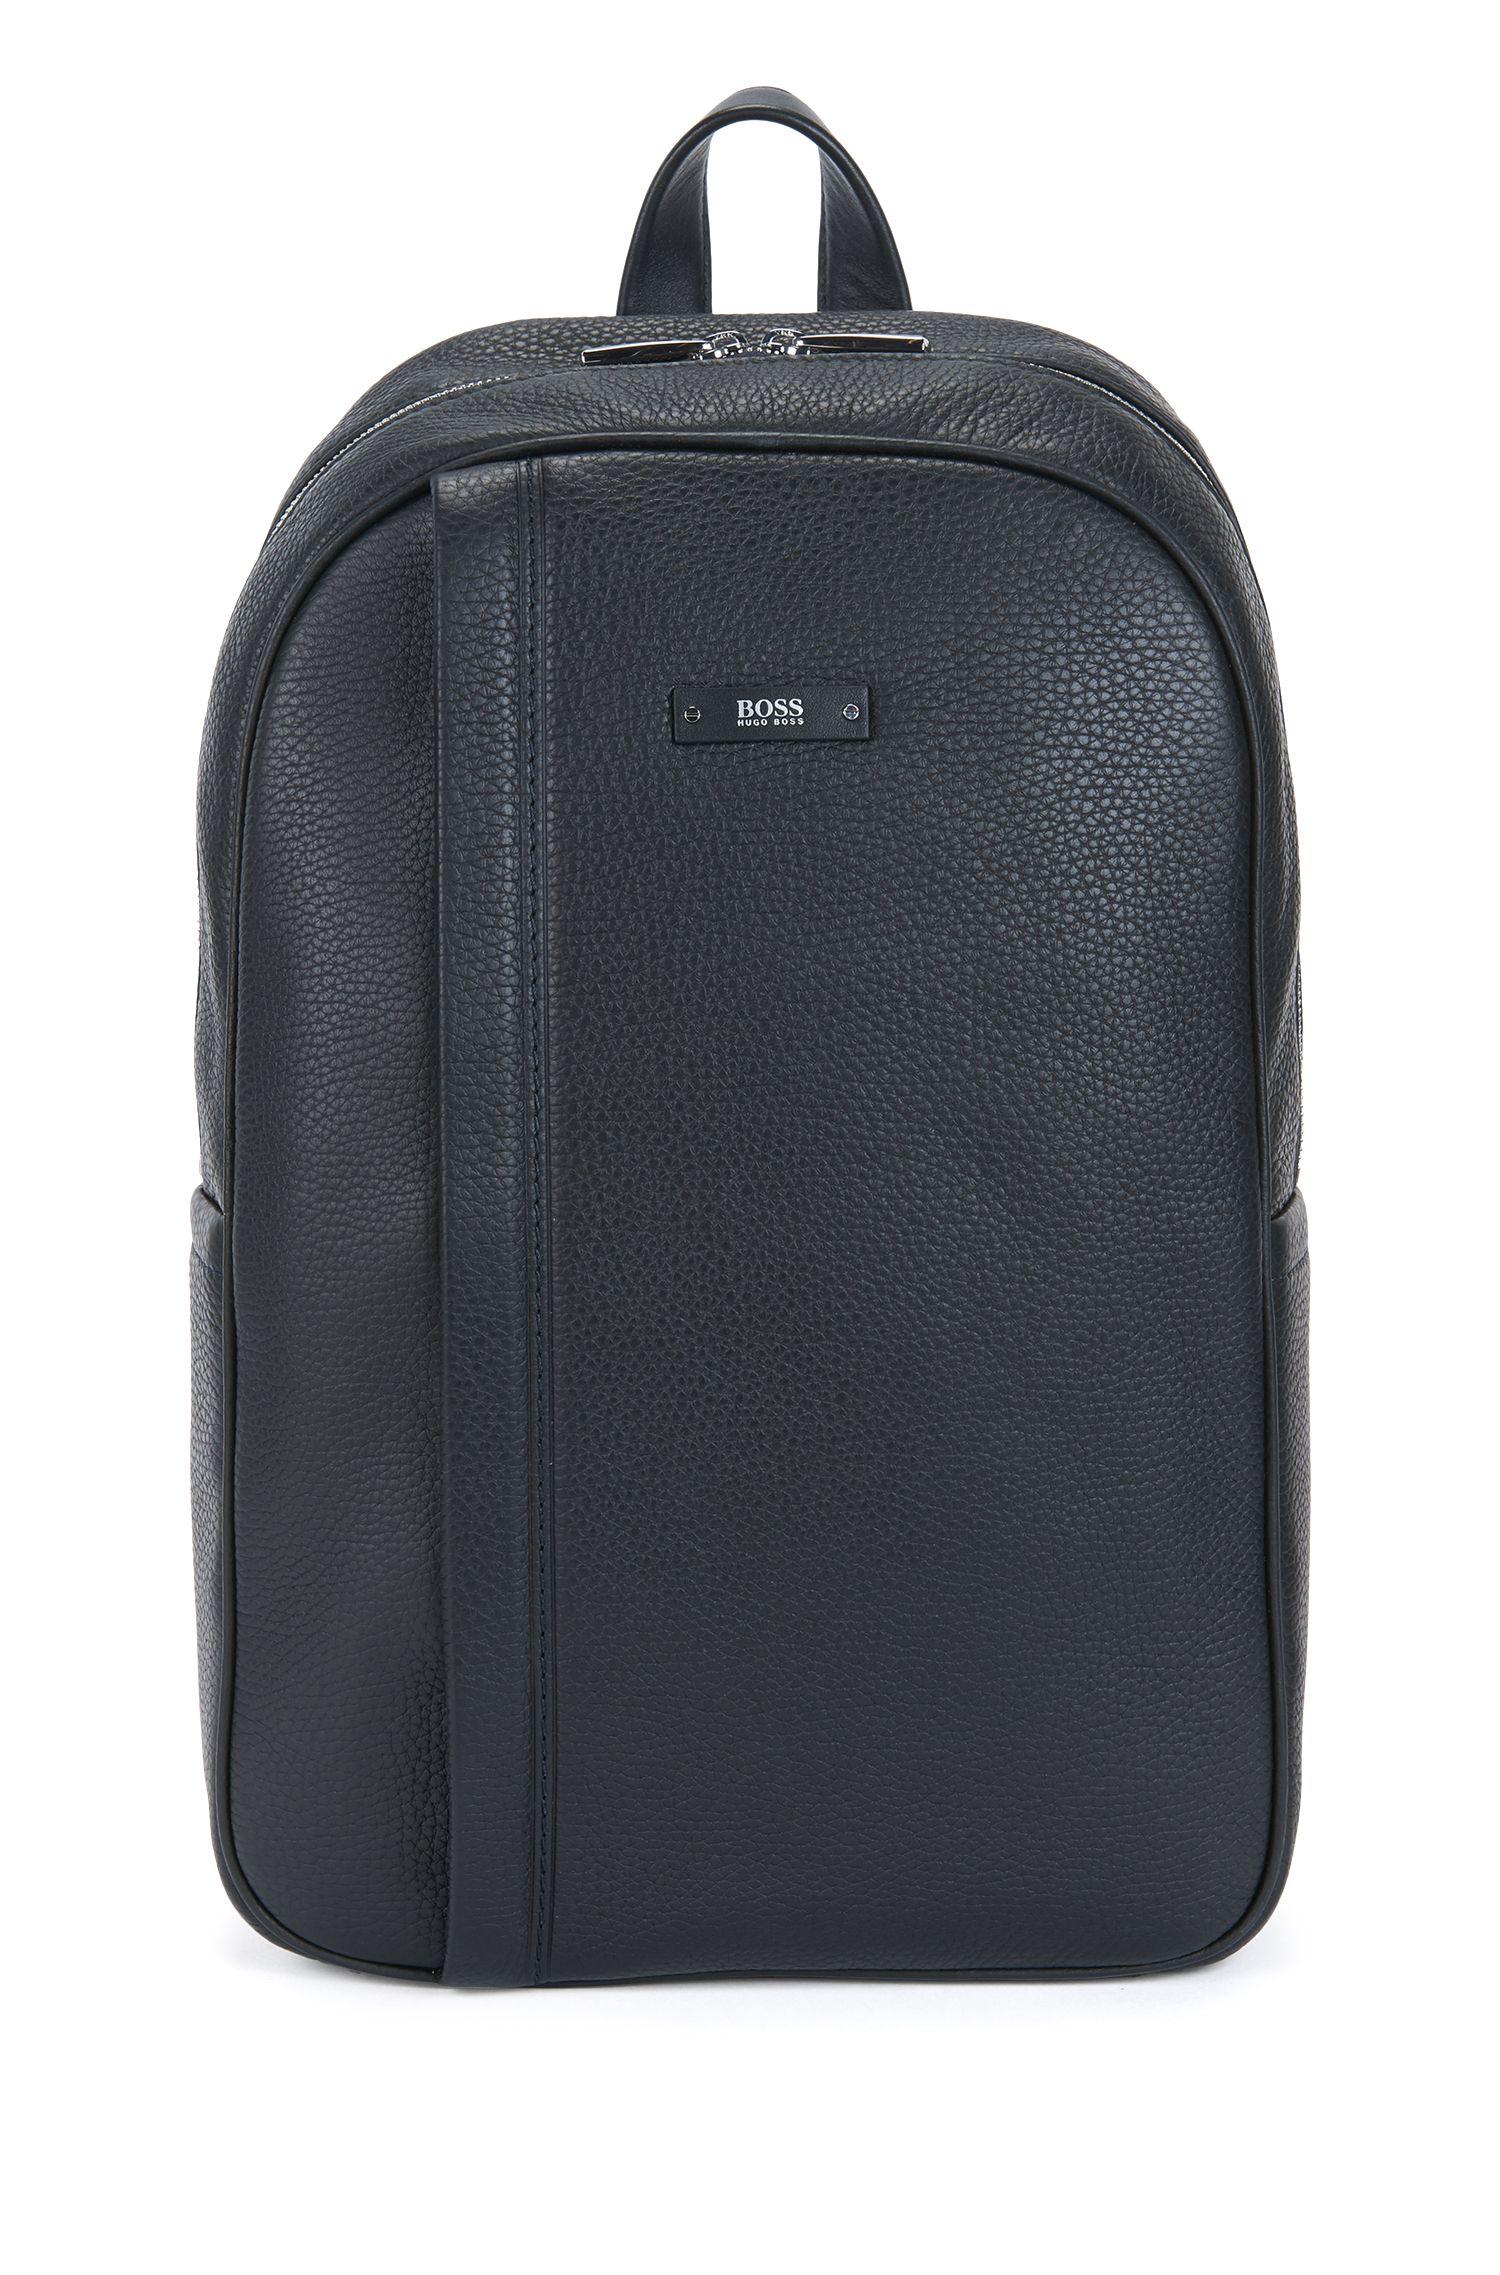 Leather Backpack | Traveller Backp N